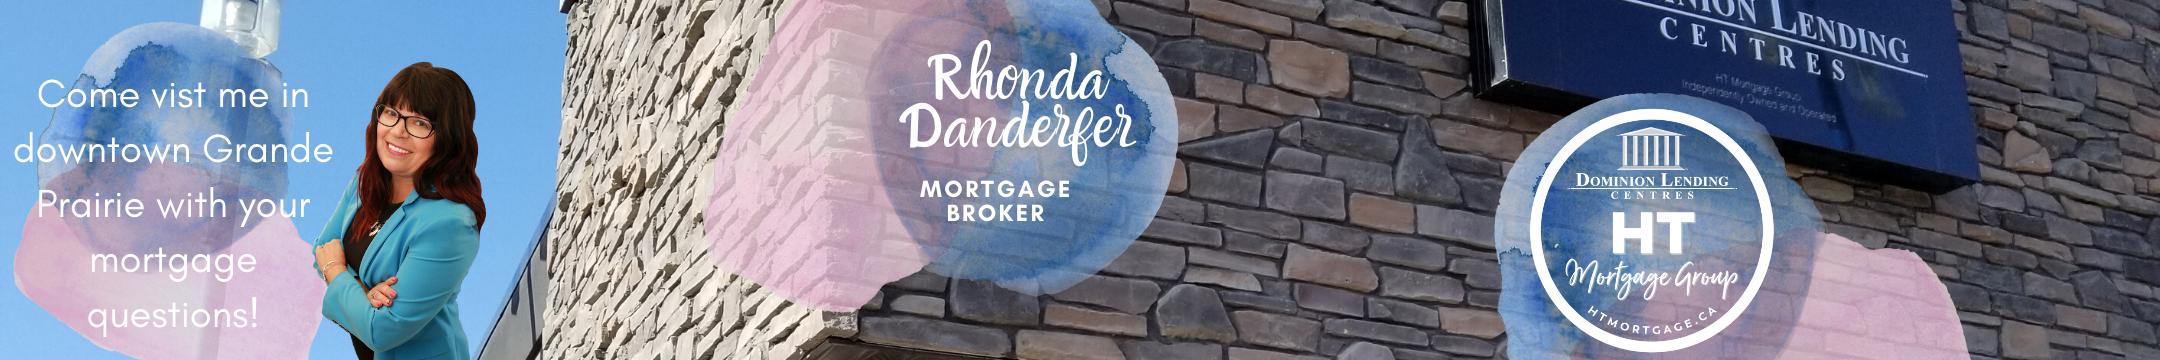 About me – Rhonda Danderfer banner